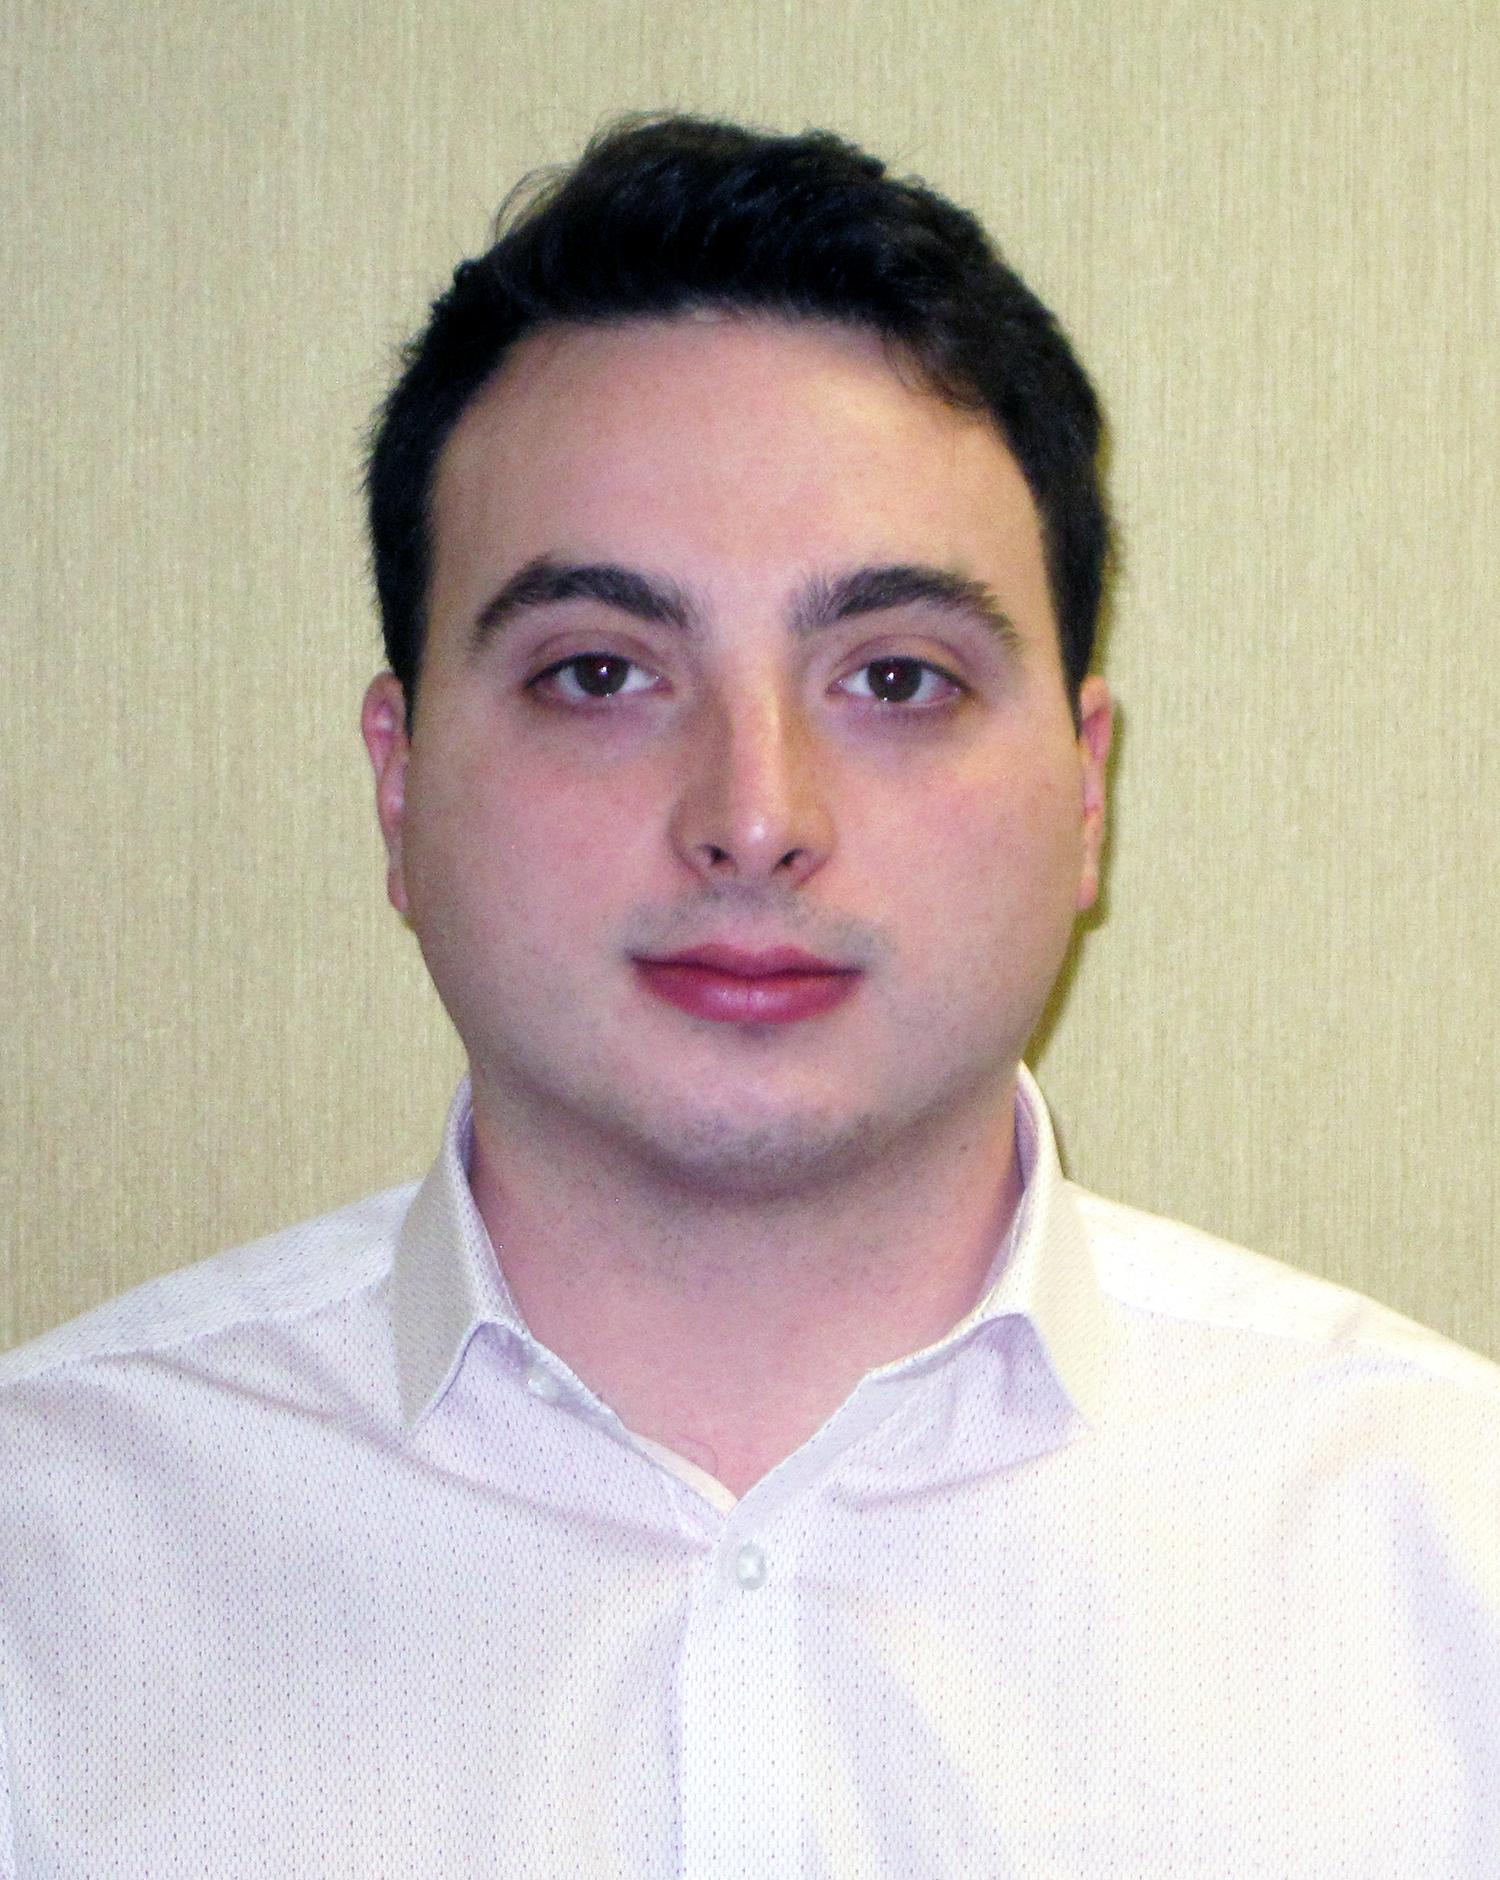 Vincent Salanito